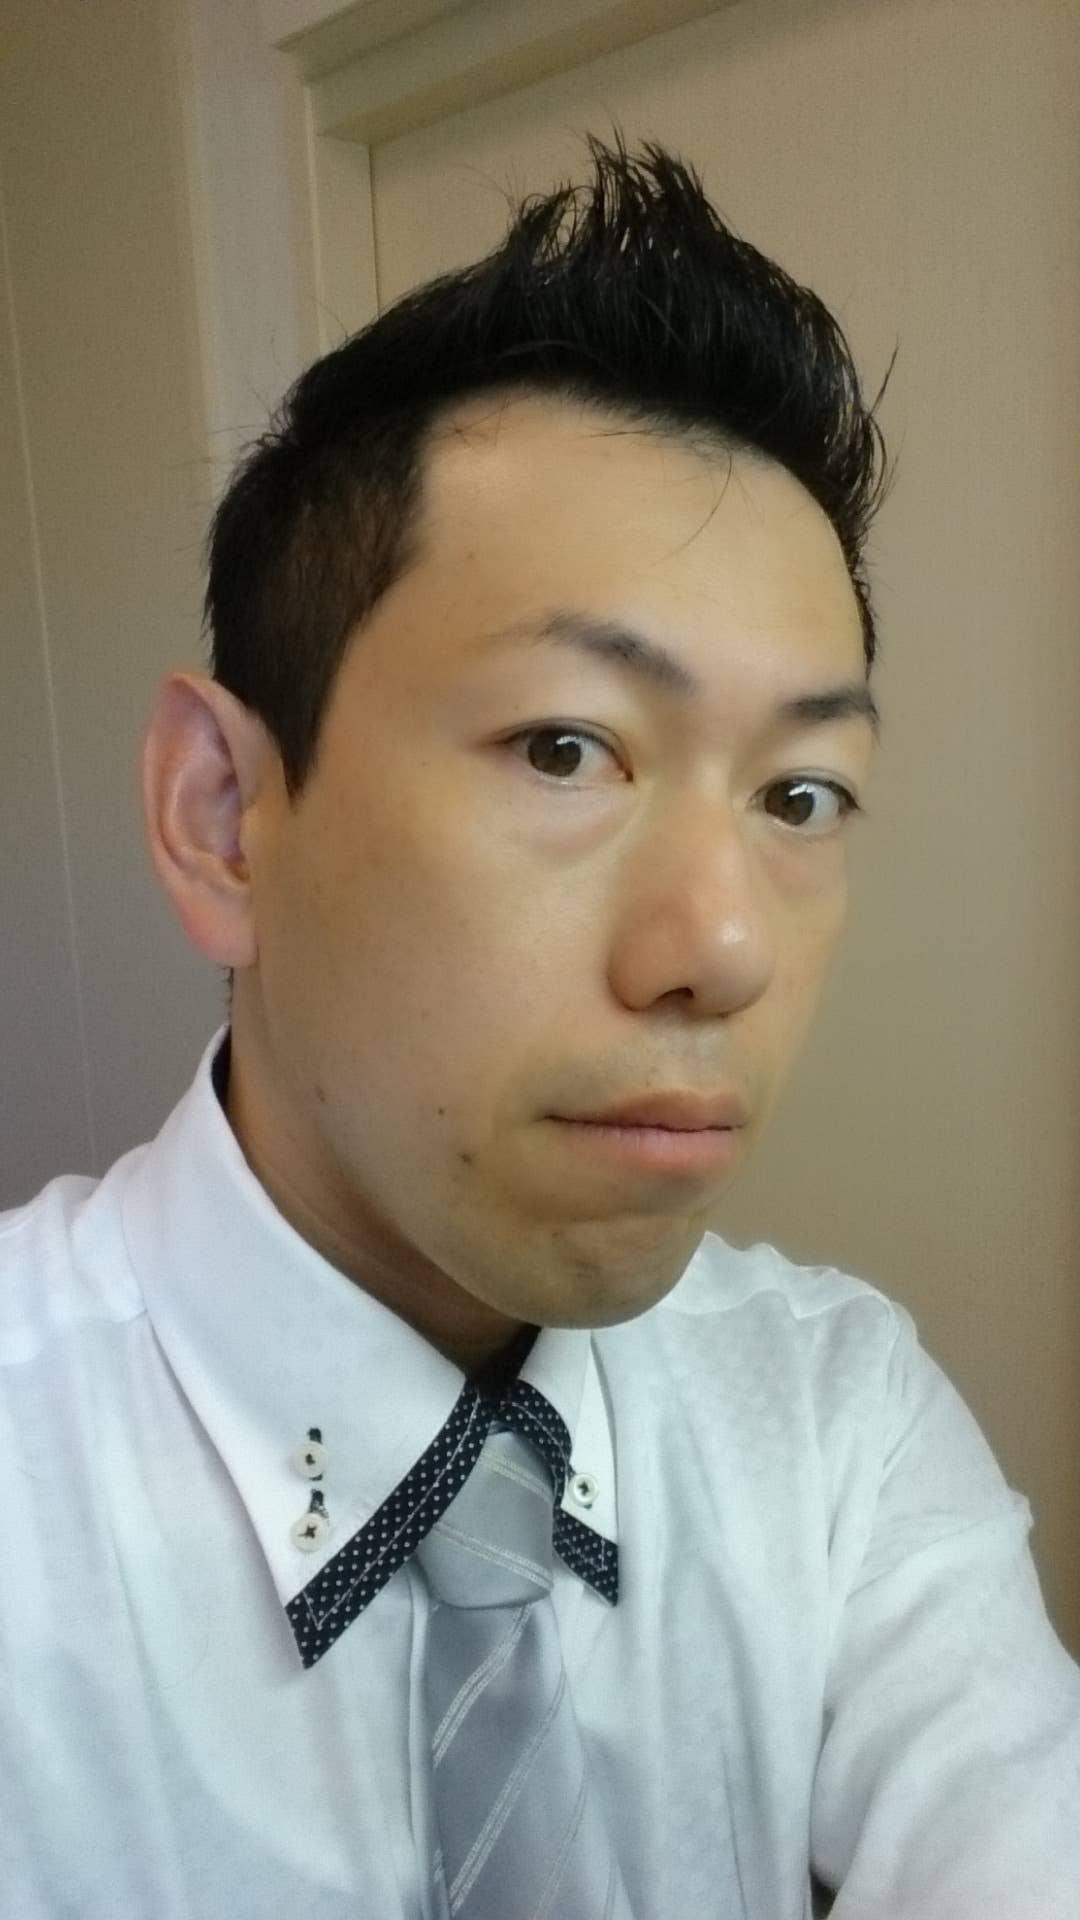 Takahide Hiraiwa